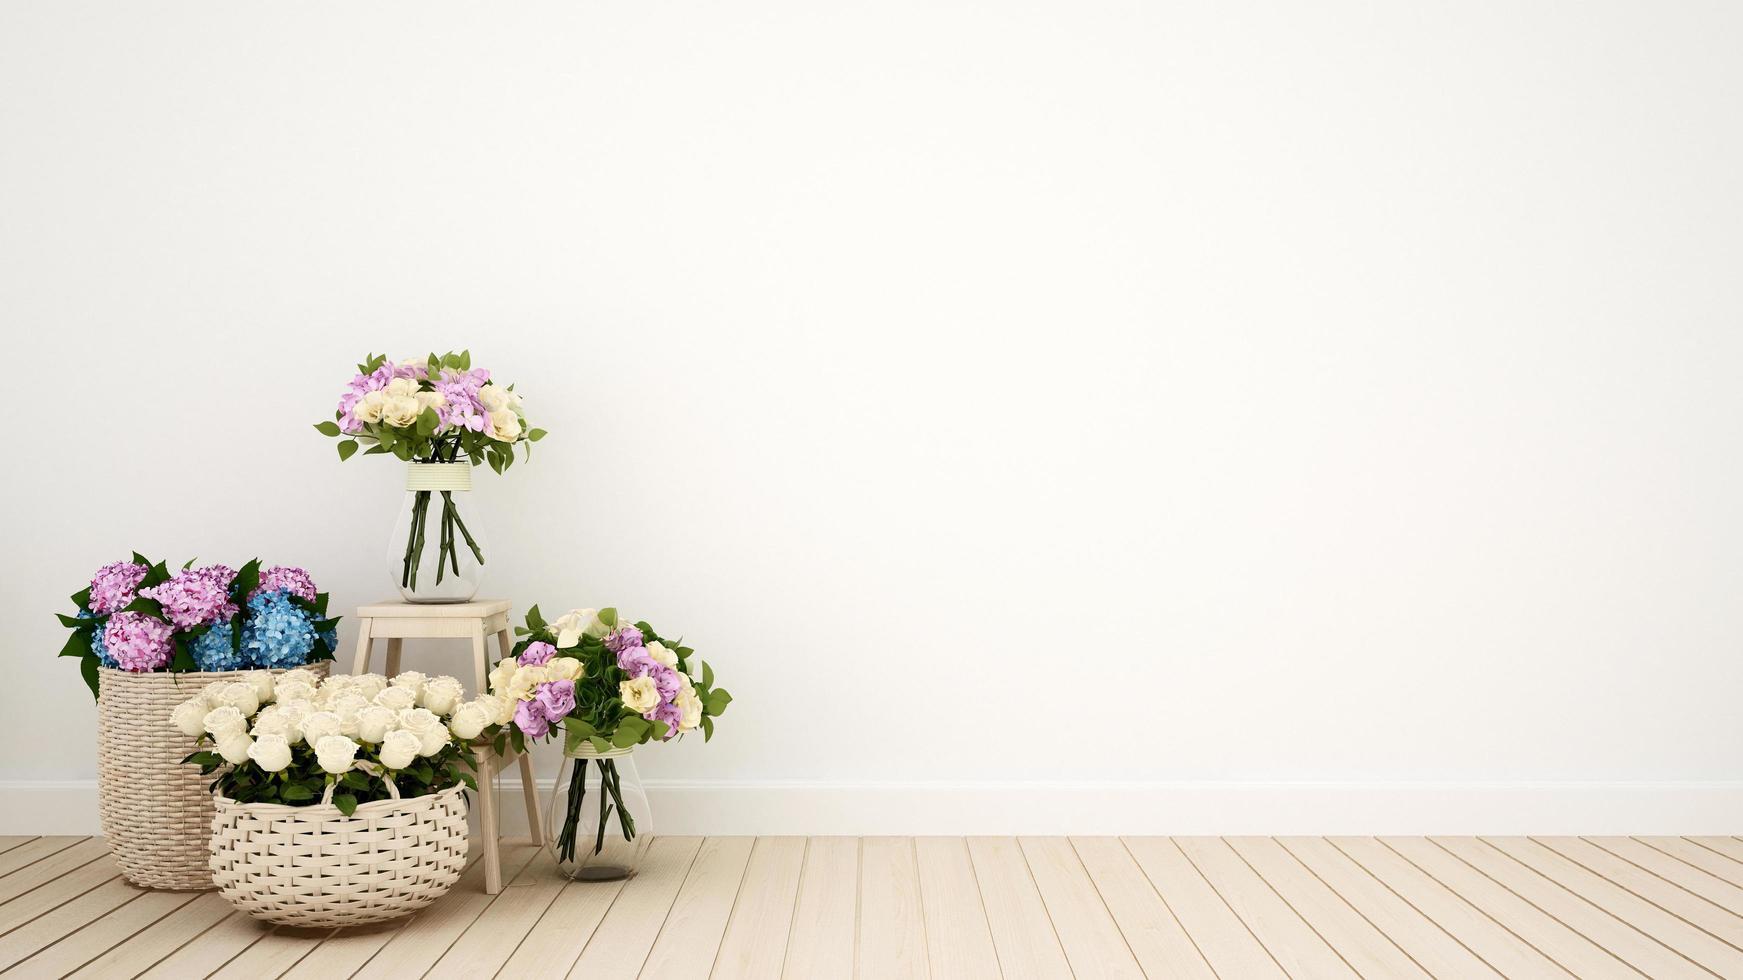 soggiorno o altra decorazione della stanza fiore foto